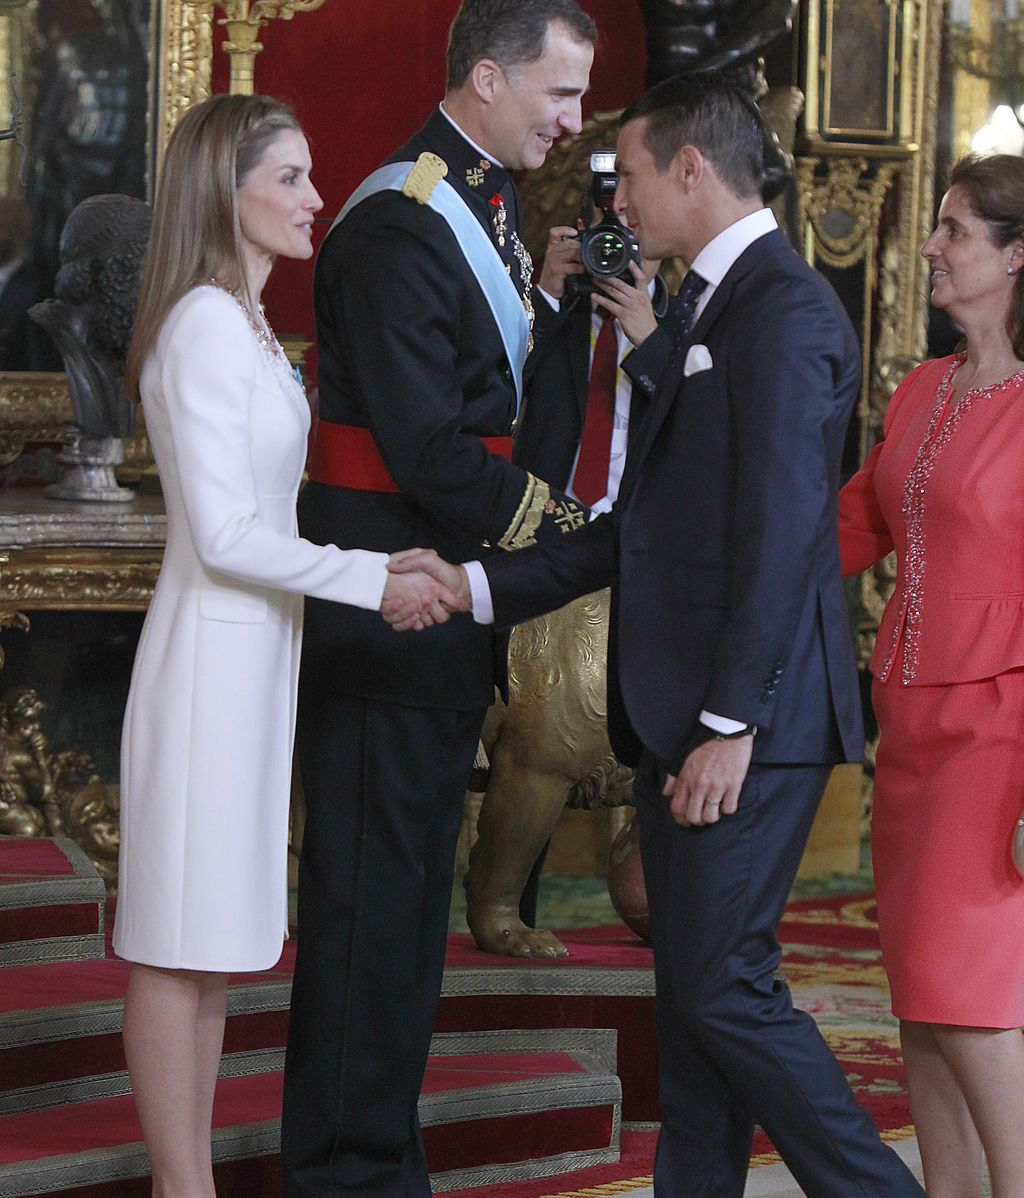 Personalidades de la política, los deportes y el arte saludan a los nuevos reyes